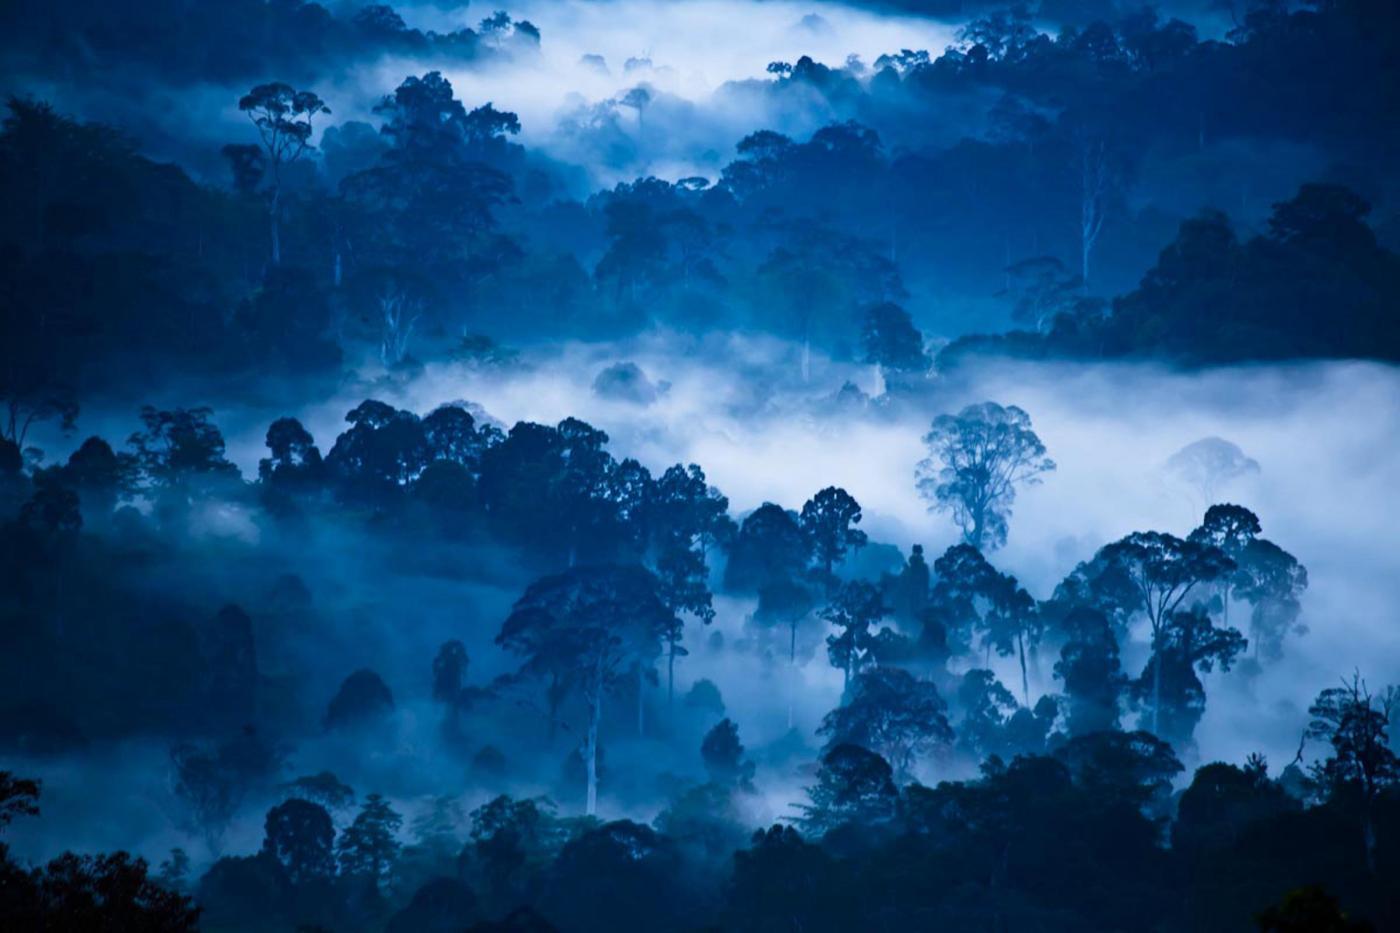 La Danum Valley, in Malesia, in una foto rilasciata dal World Conservation Society. Credit: Liana Joseph/PA Wire